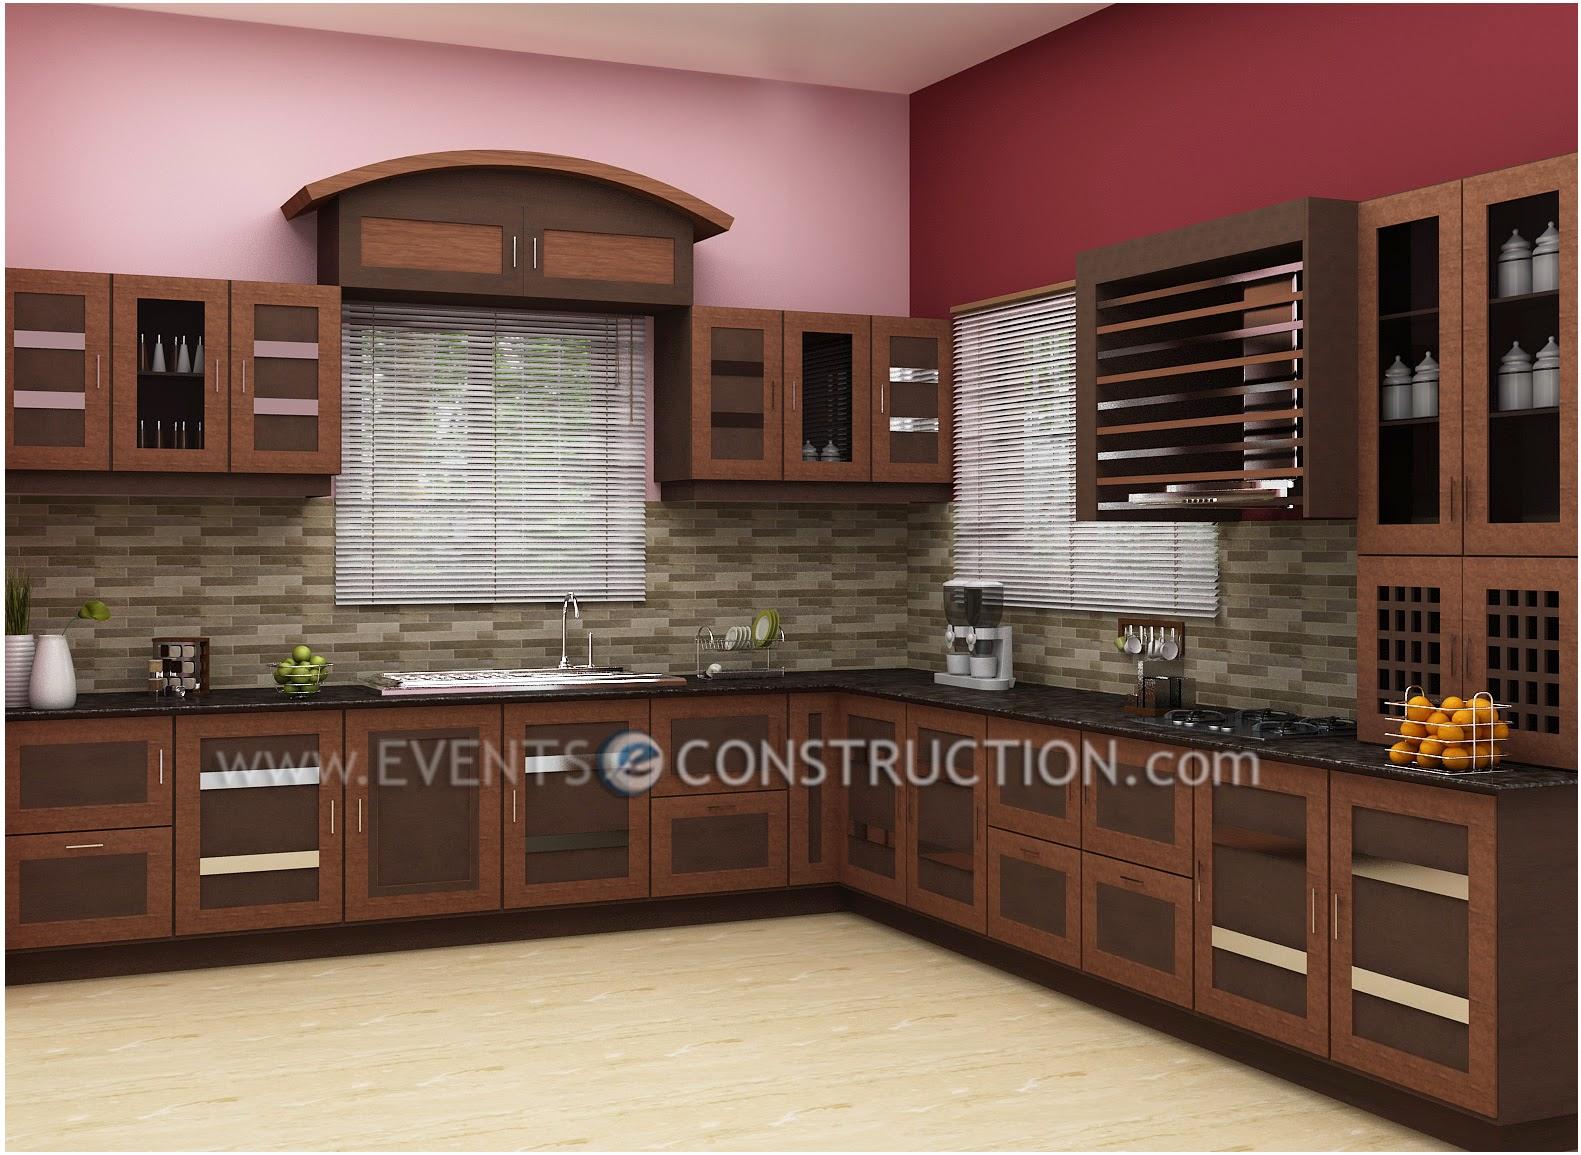 Evens Construction Pvt Ltd March 2014